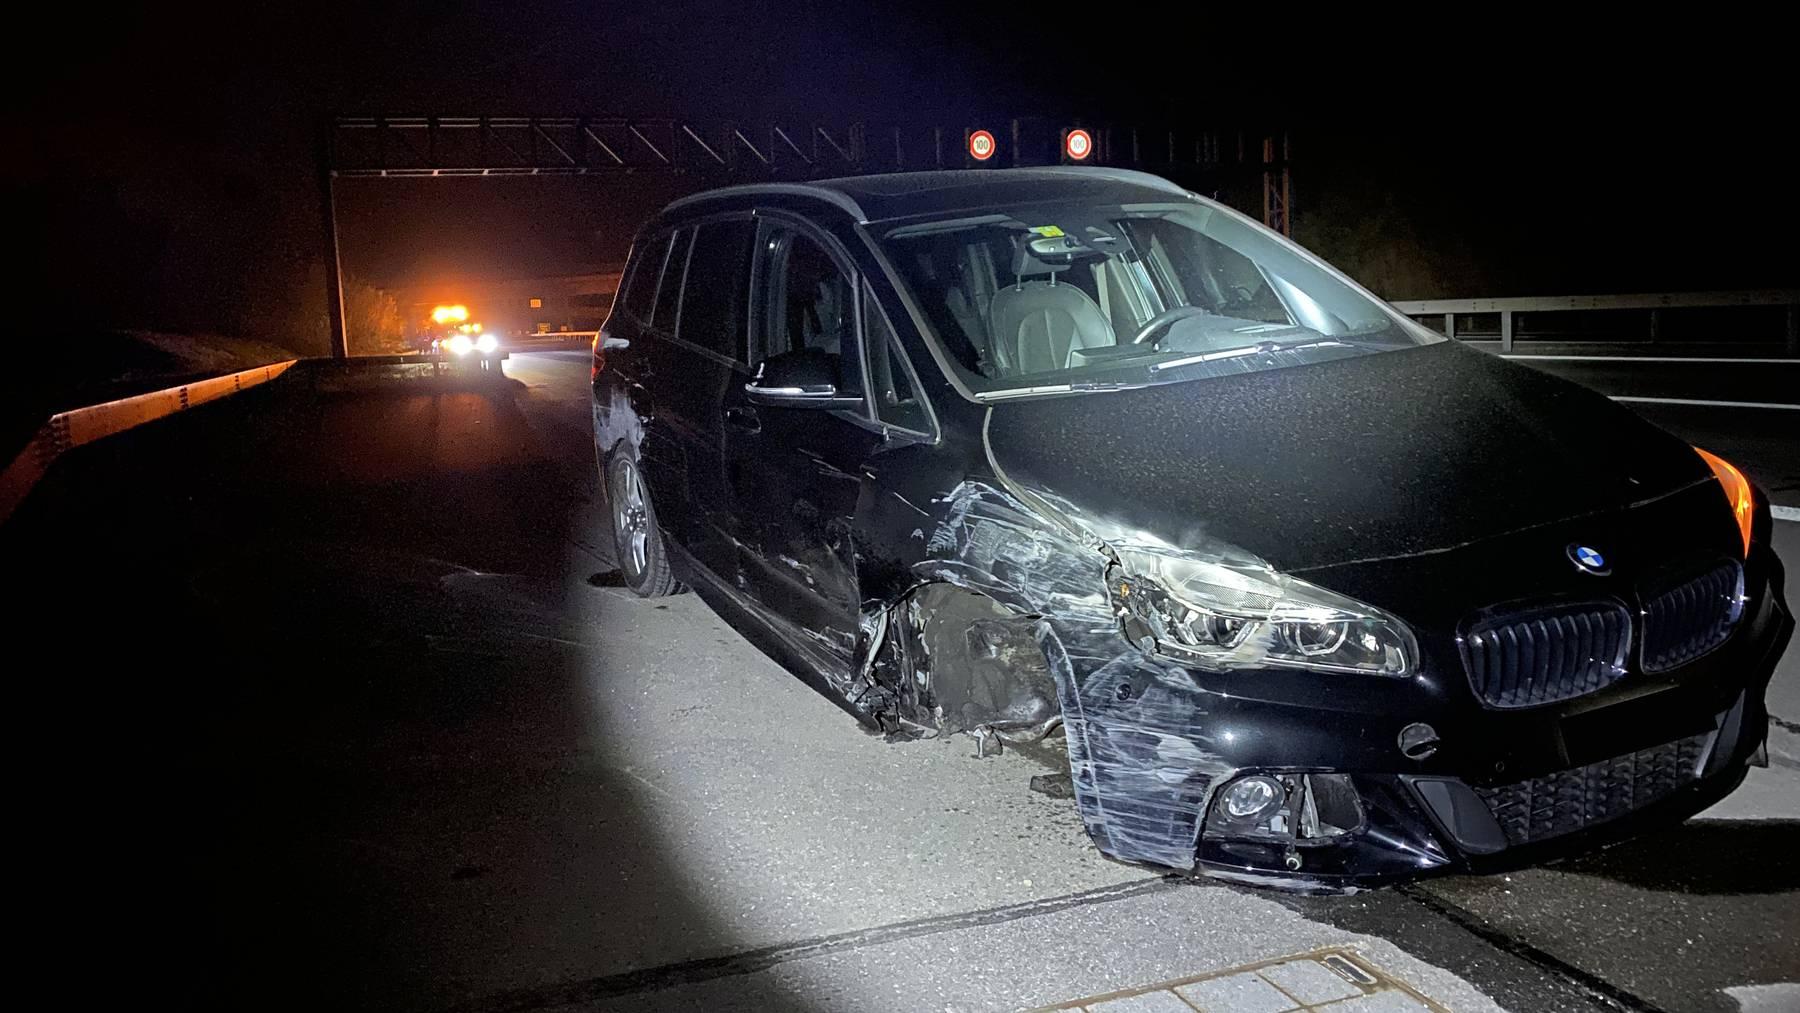 Der Lenker hatte beim Unfall das rechte Vorderrad verloren.